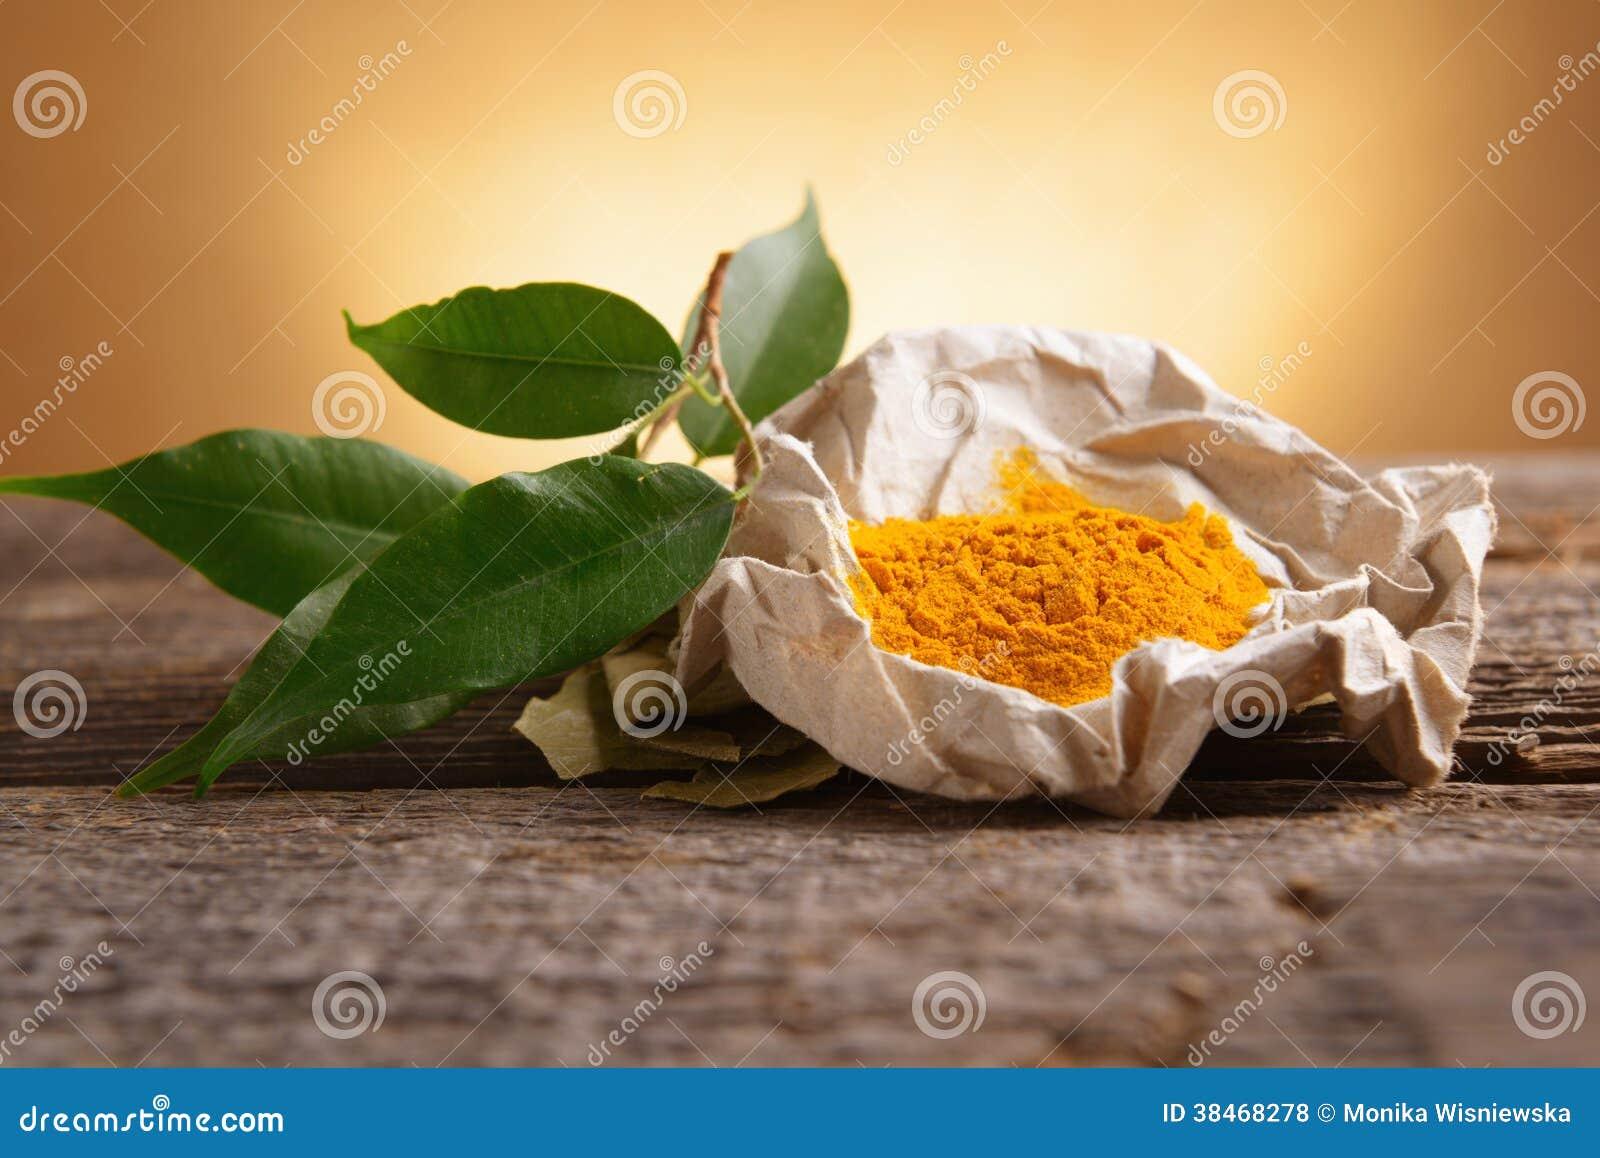 Épice de powwder de safran des indes